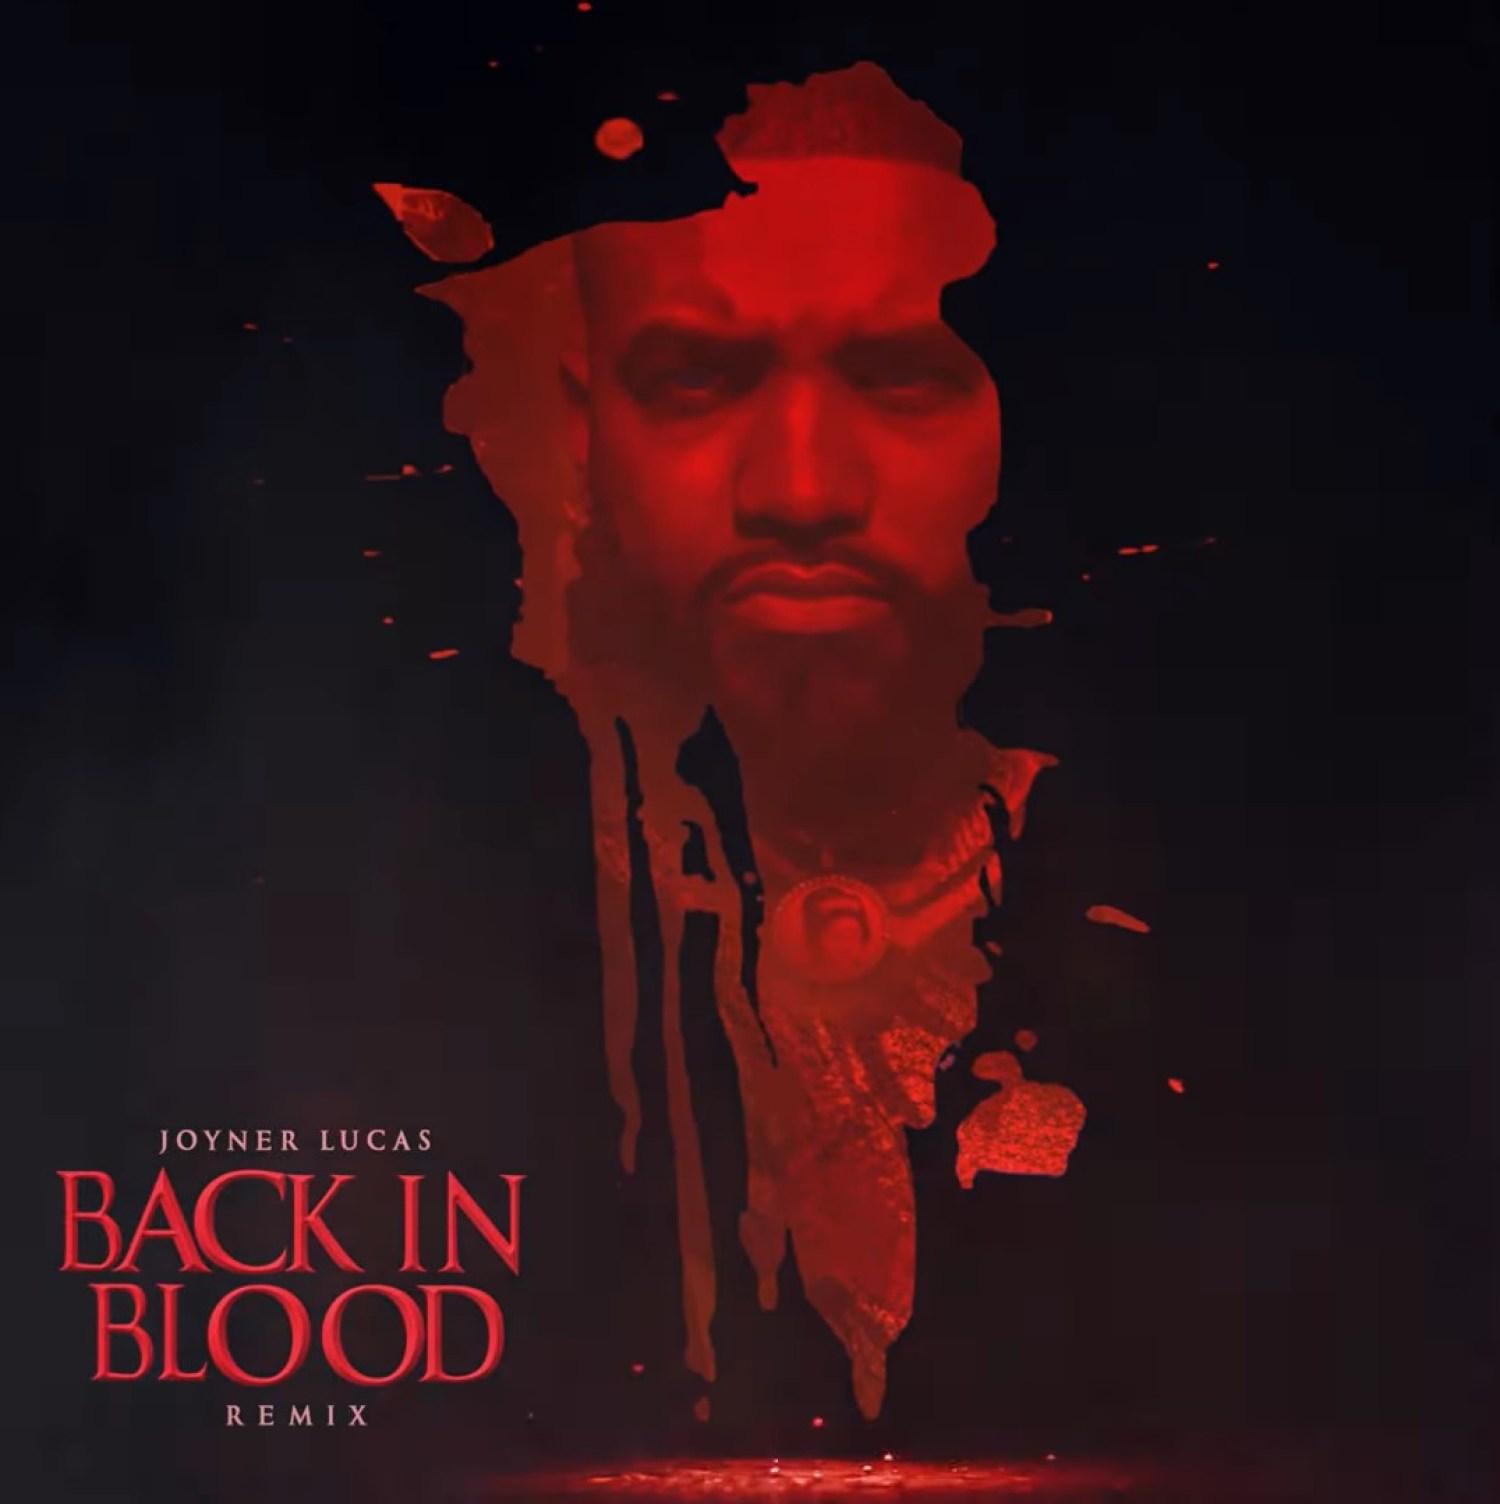 DOWNLOAD MP3: Joyner Lucas – Back In Blood (Remix) AUDIO 320kbps